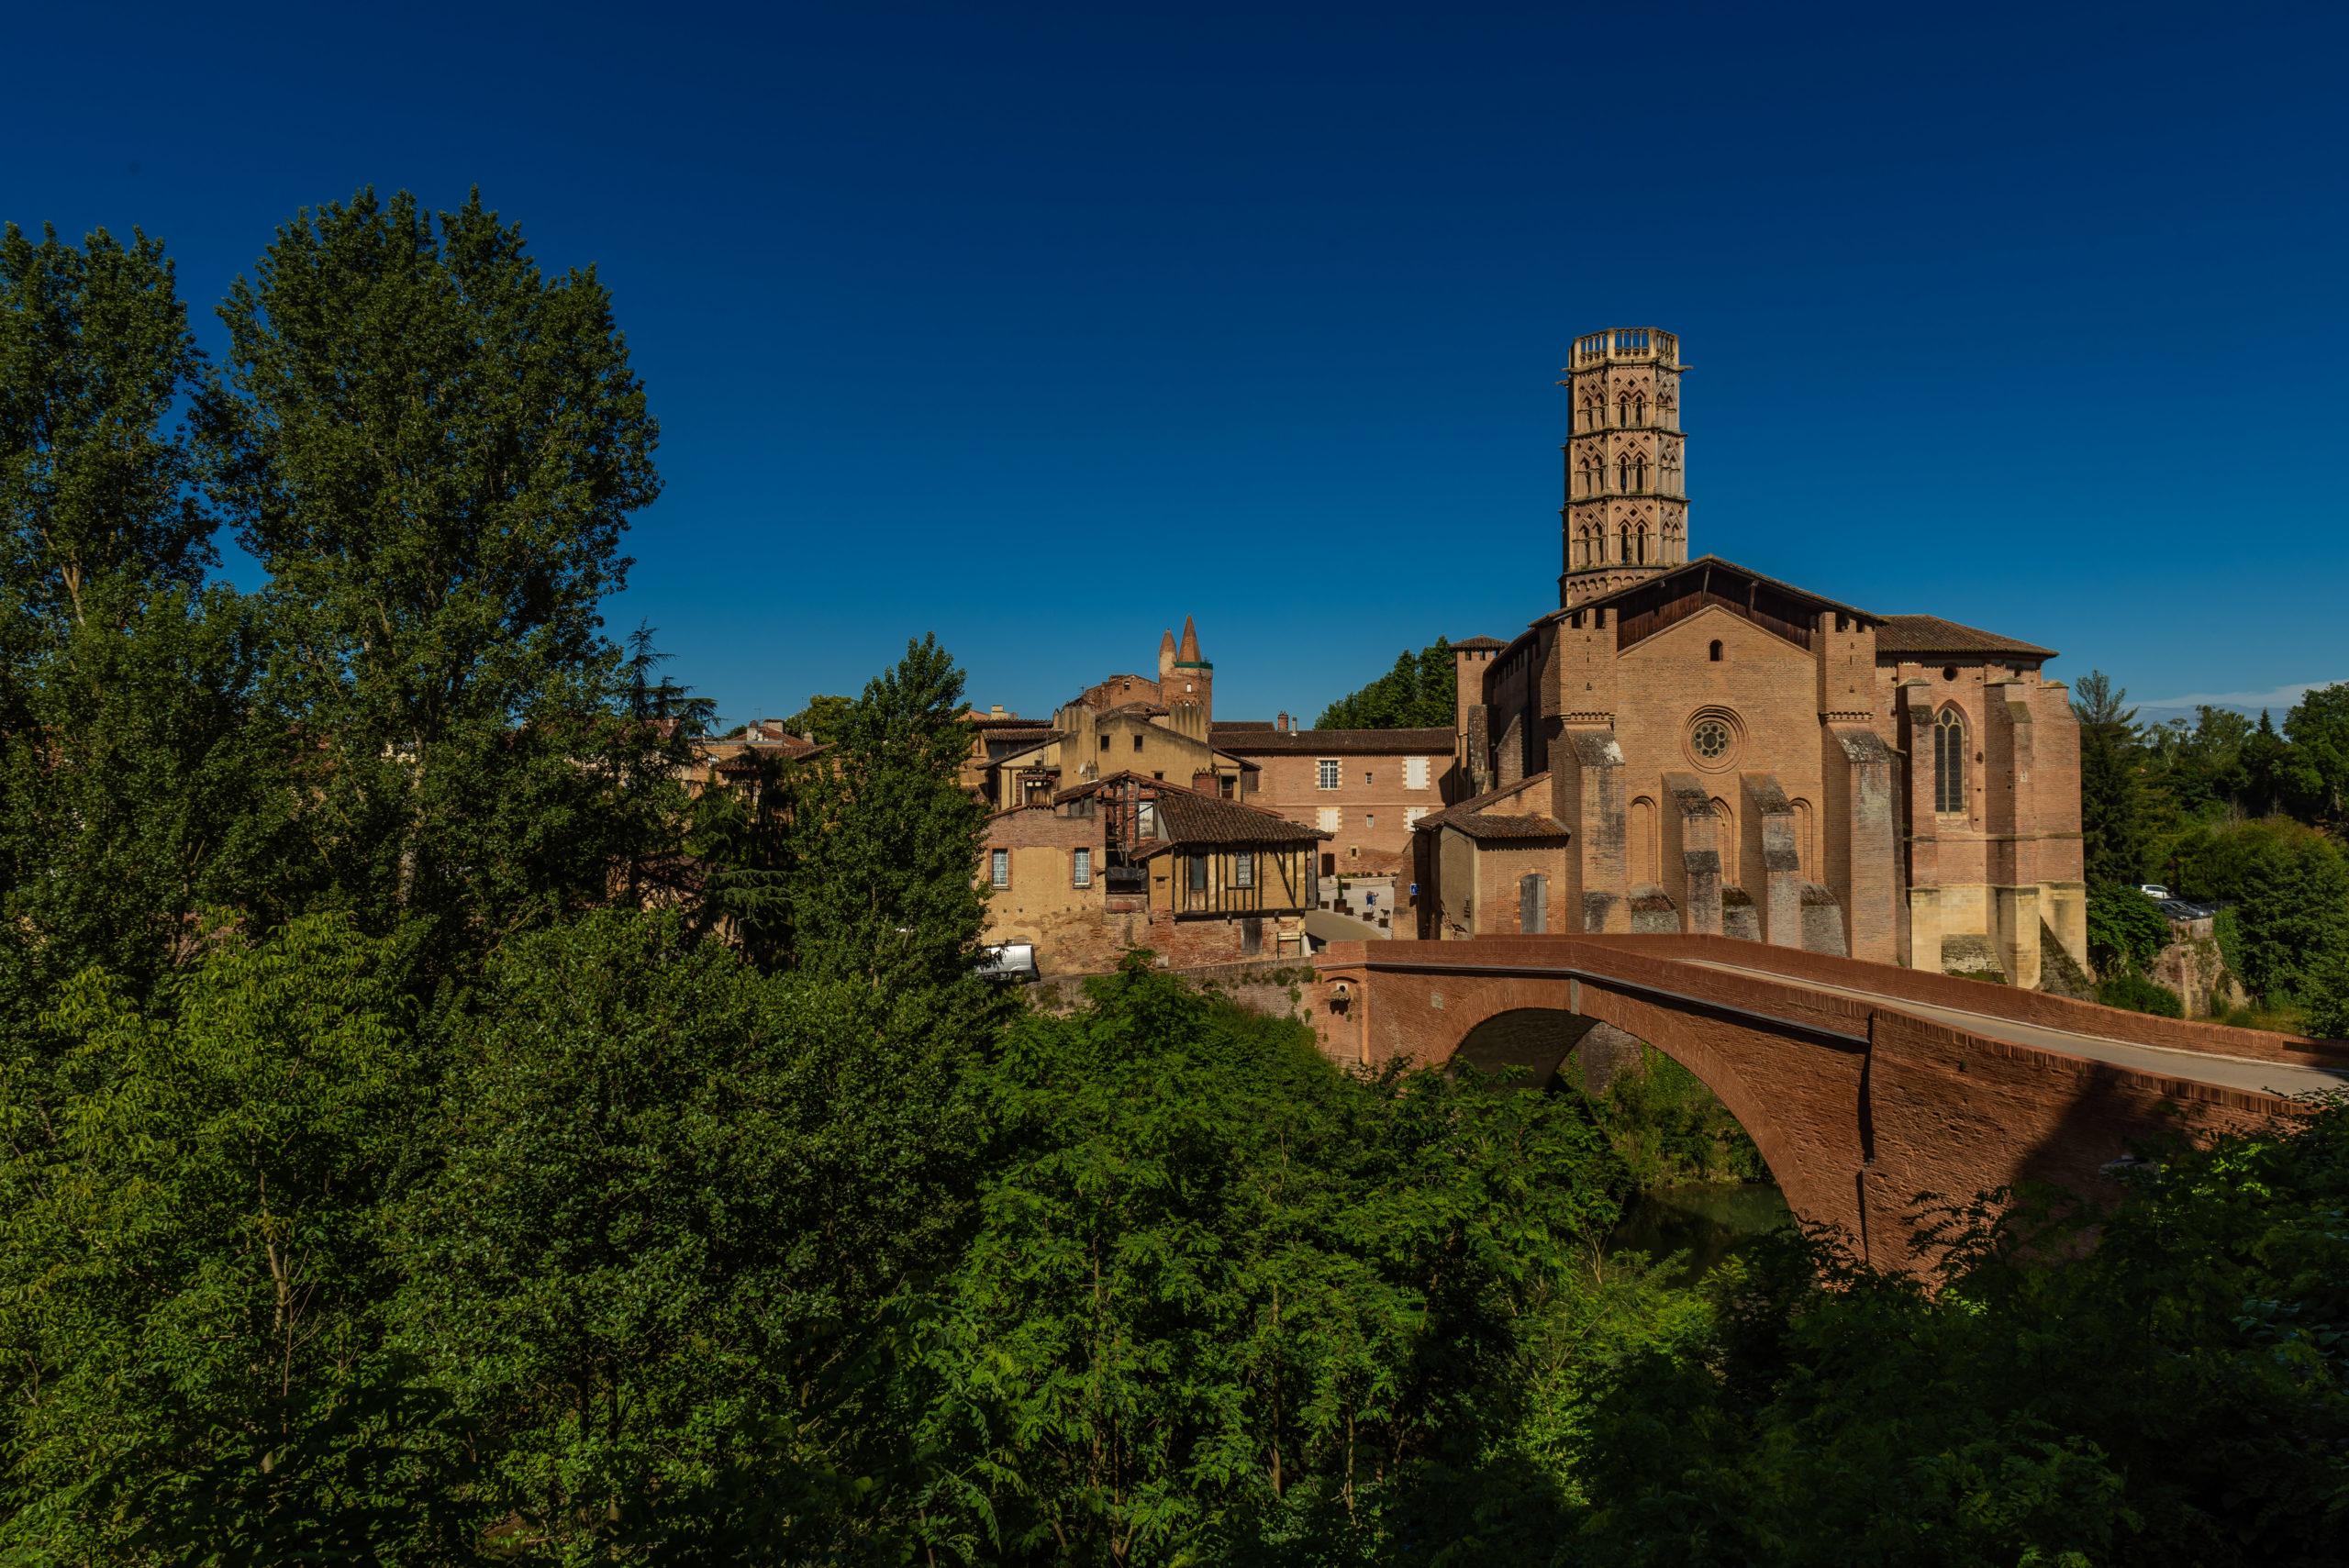 Visiter Rieux-Volvestre Rieux-Volvestre en Haute-Garonne en Occitanie dans le Sud de la France près de Toulouse